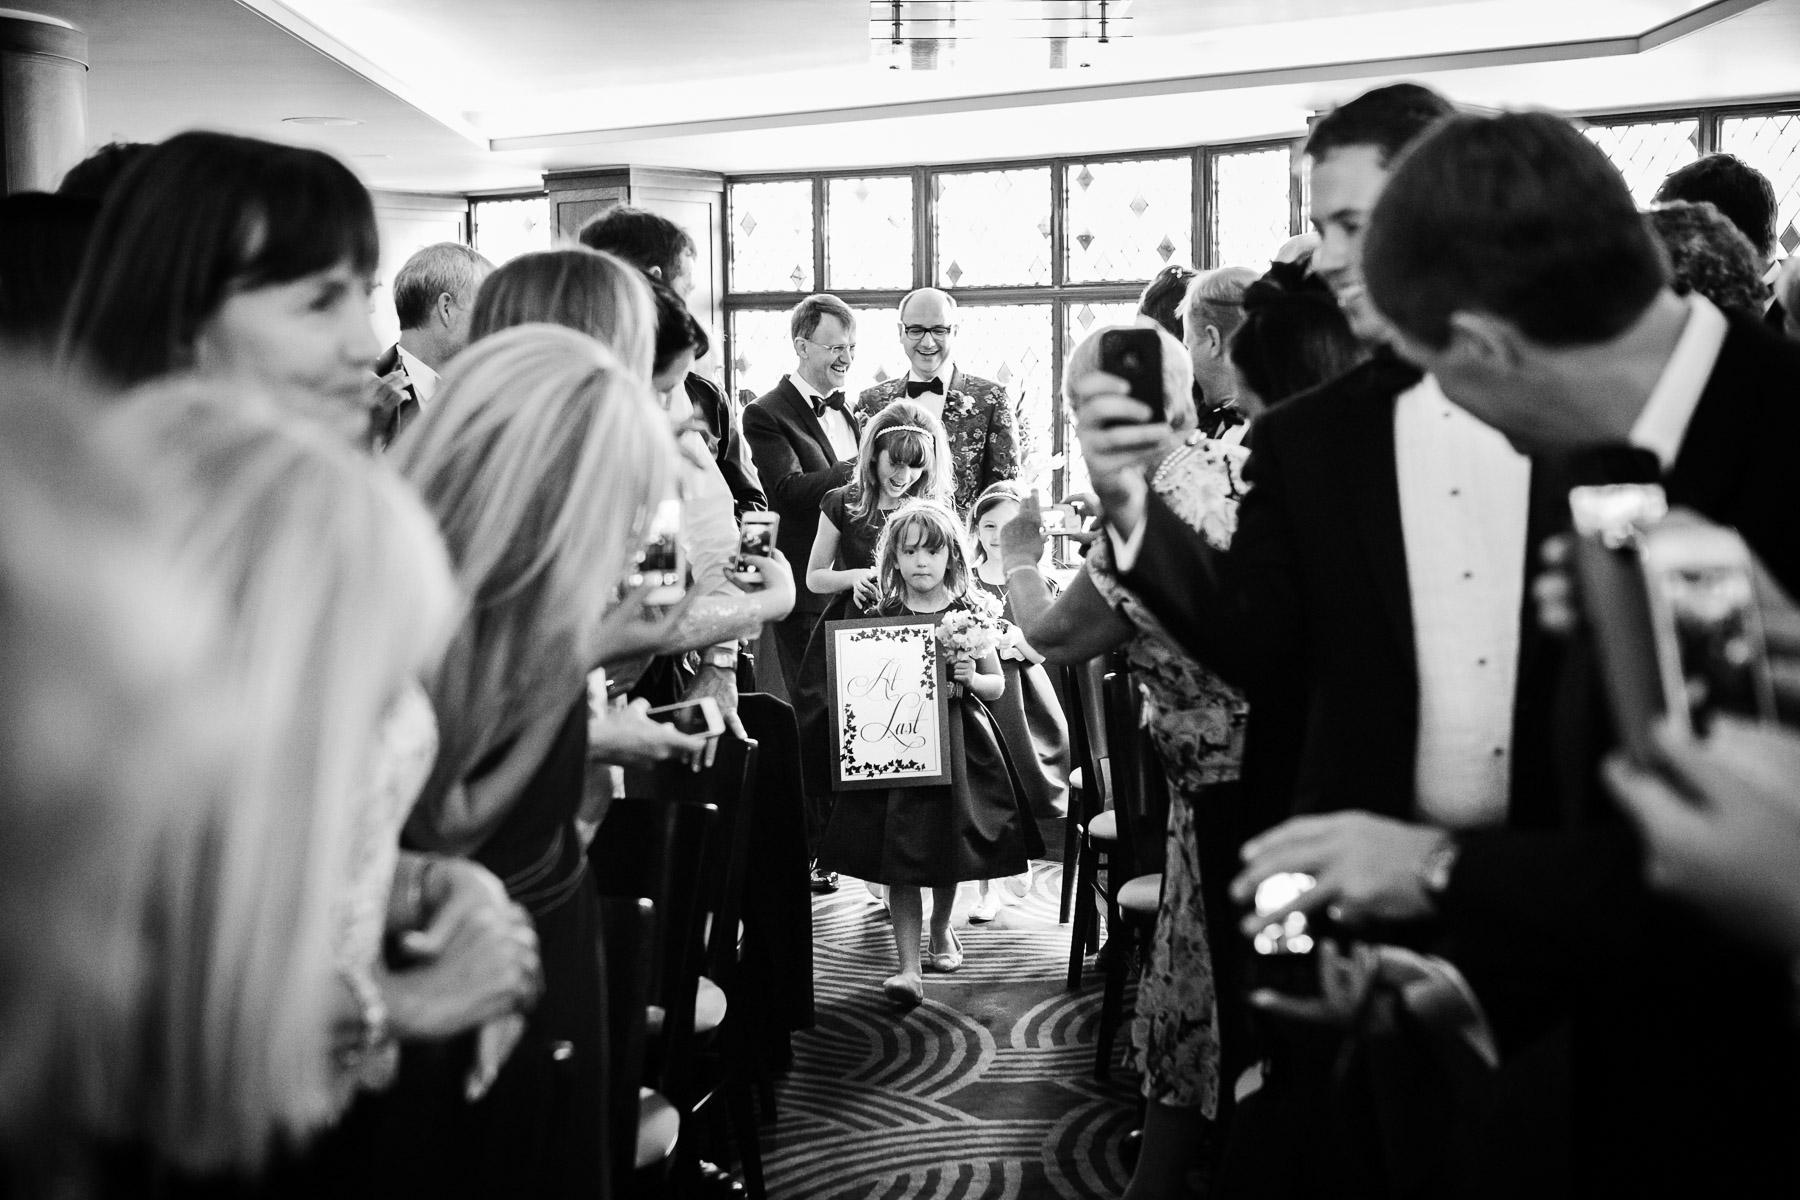 wedding portfolio 25-09-17  168.jpg